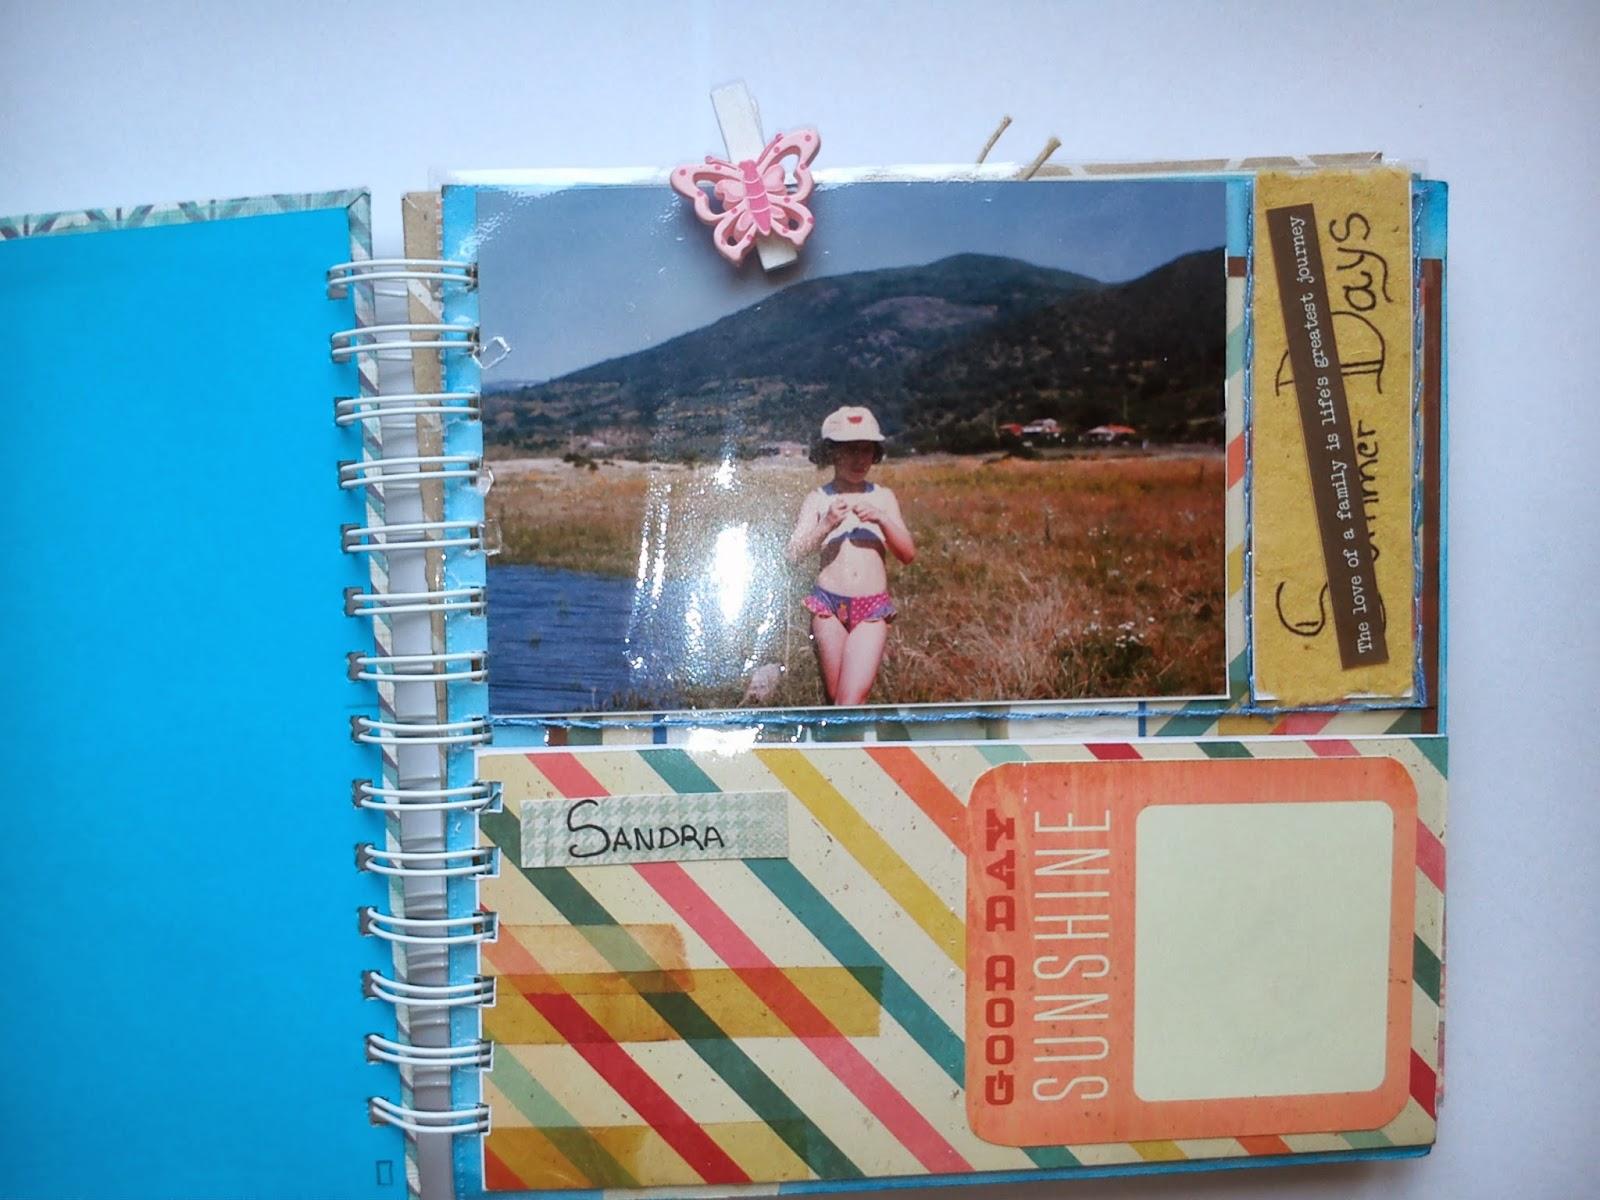 Mis siete palabras lbum del curso de scrapbooking - Albunes de fotos caseros ...